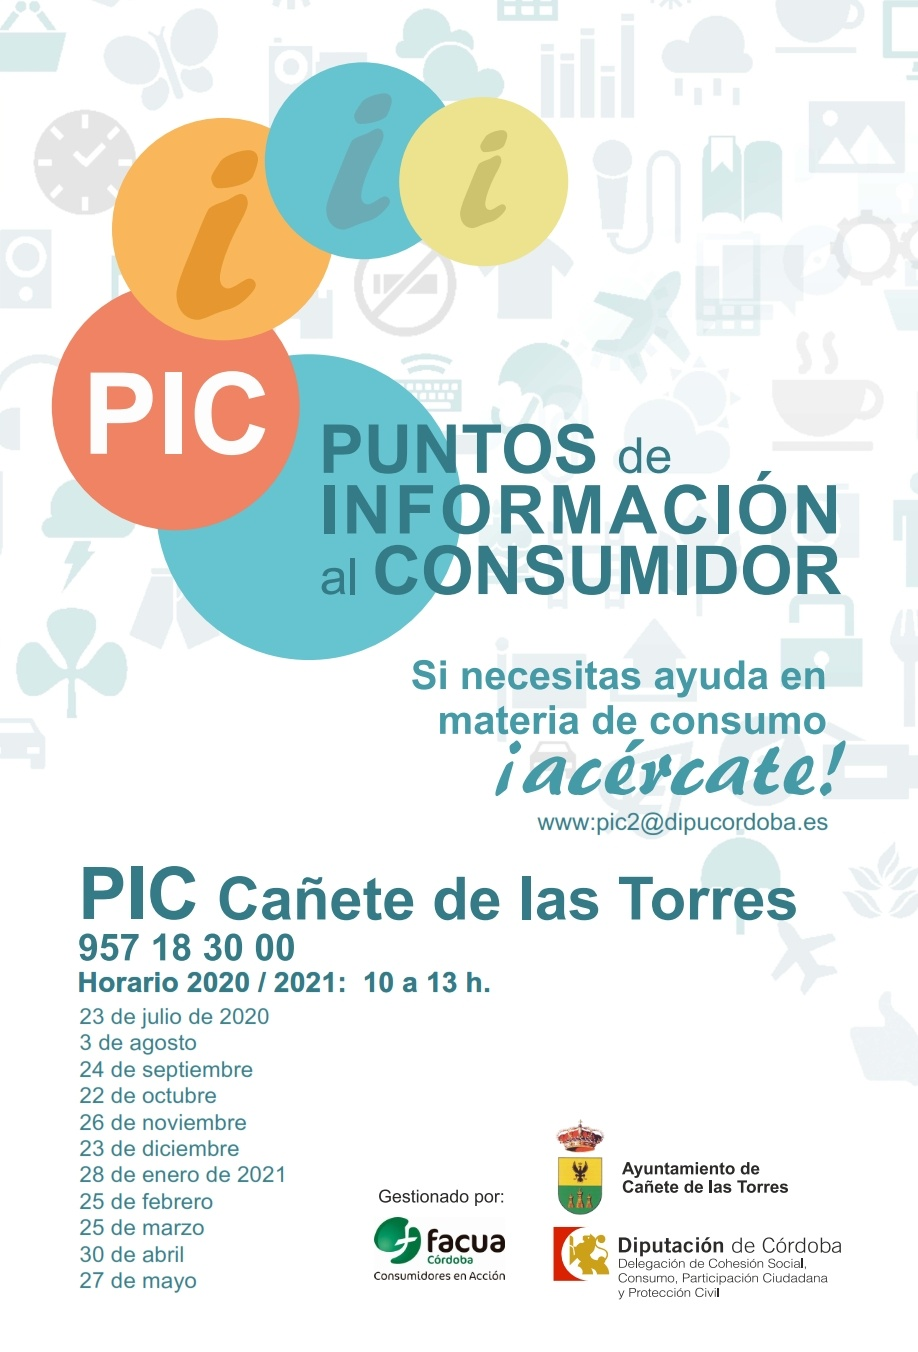 cartel fechas PIC 2020-2021